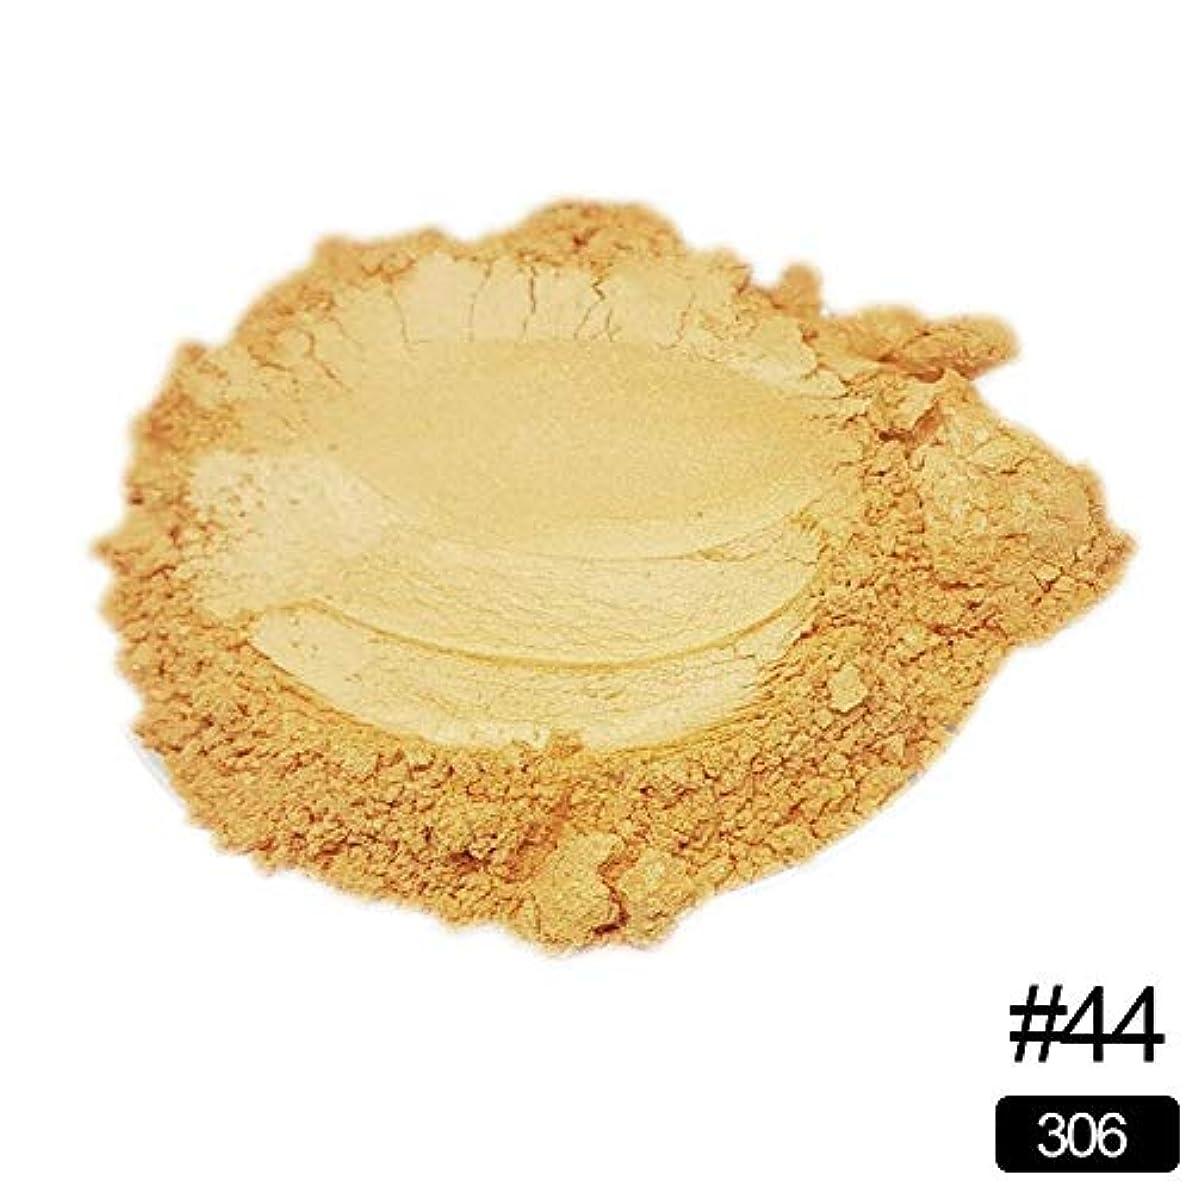 ルーム特徴づける白いBETTER YOU (ベター ュー) 夏のアイシャドウ、口紅、フリッカー、カラフル、崩れない、ぼかしやすい、69色 目、唇、フリッカー、ハイライト (C 402)